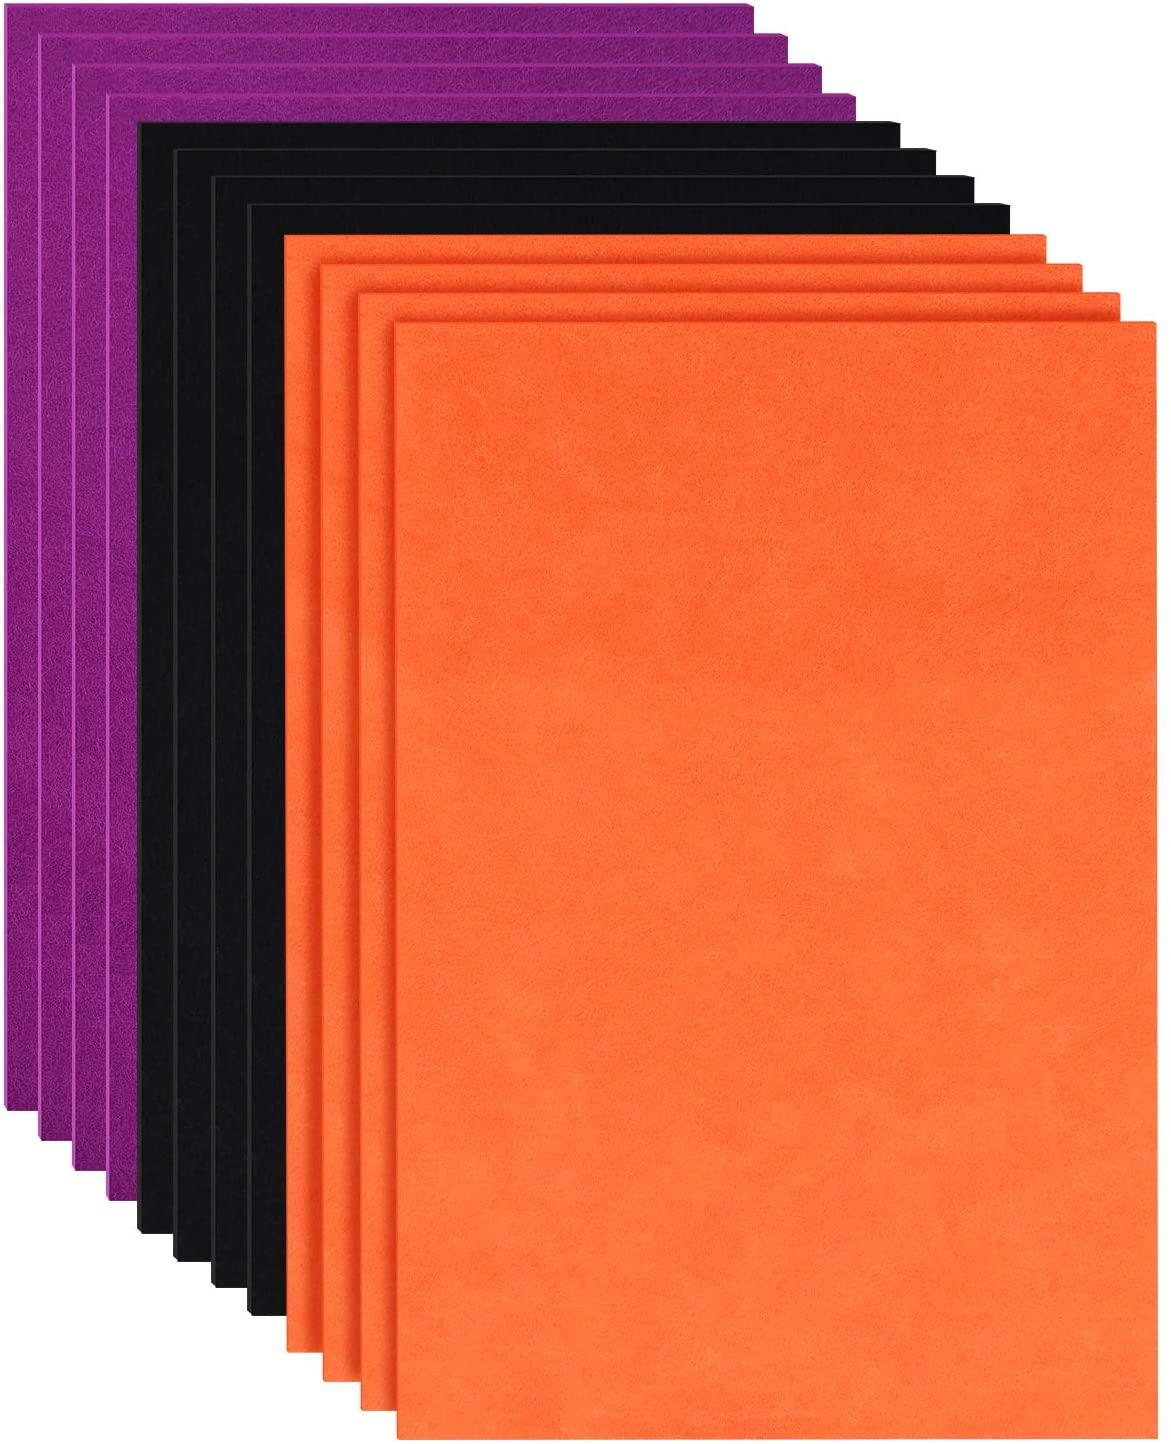 12 개 할로윈 펠트 패브릭 시트 DIY 공예 펠트 패브릭 시트 3 색상 할로윈 바느질 패치 워크 장식직물을 느꼈다 11.8 X 8.3 인치